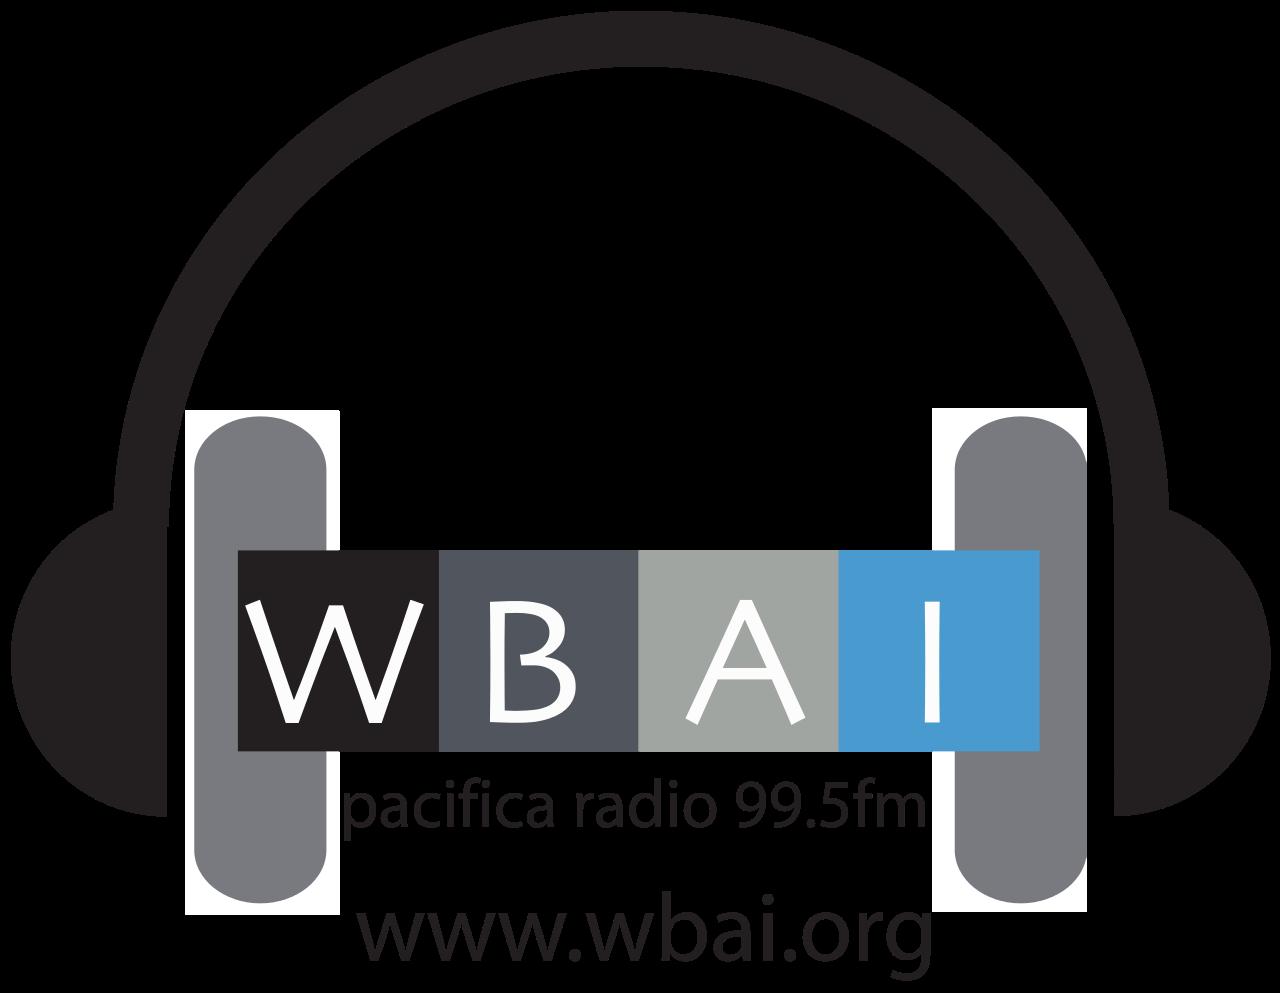 WBAI 99.5 PACIFICA RADIO,